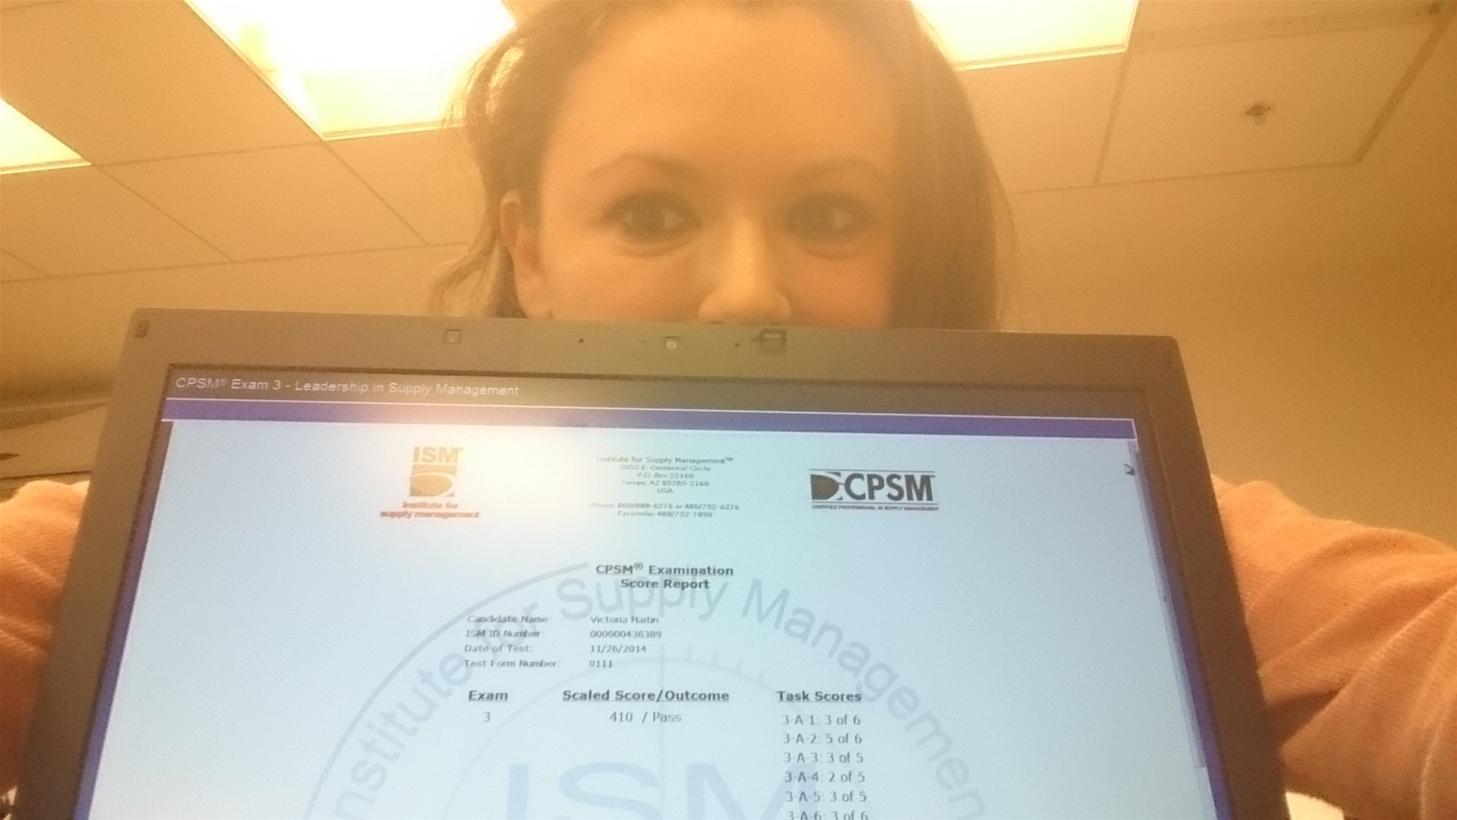 גלרייה - ויקי חייטין שעברה את המבחן השלישי בהסמכה הבינלאומית של CPSM, 1 מתוך 1